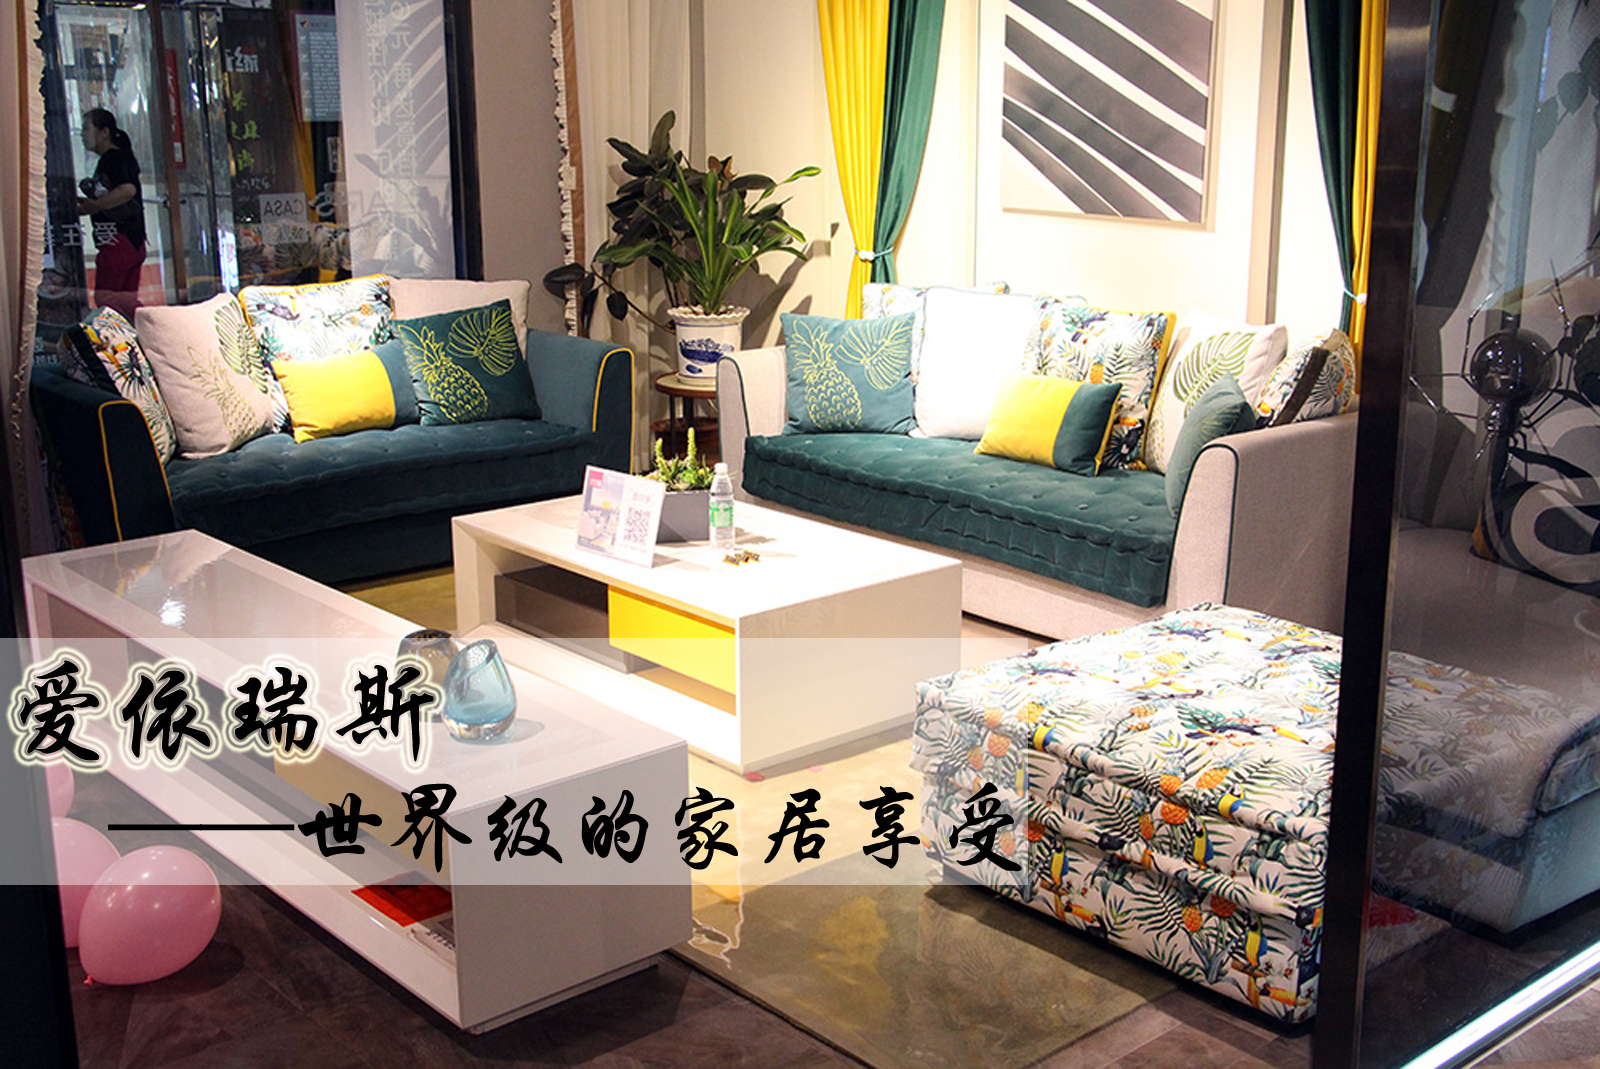 爱依瑞斯时尚布艺沙发 世界级的家居享受